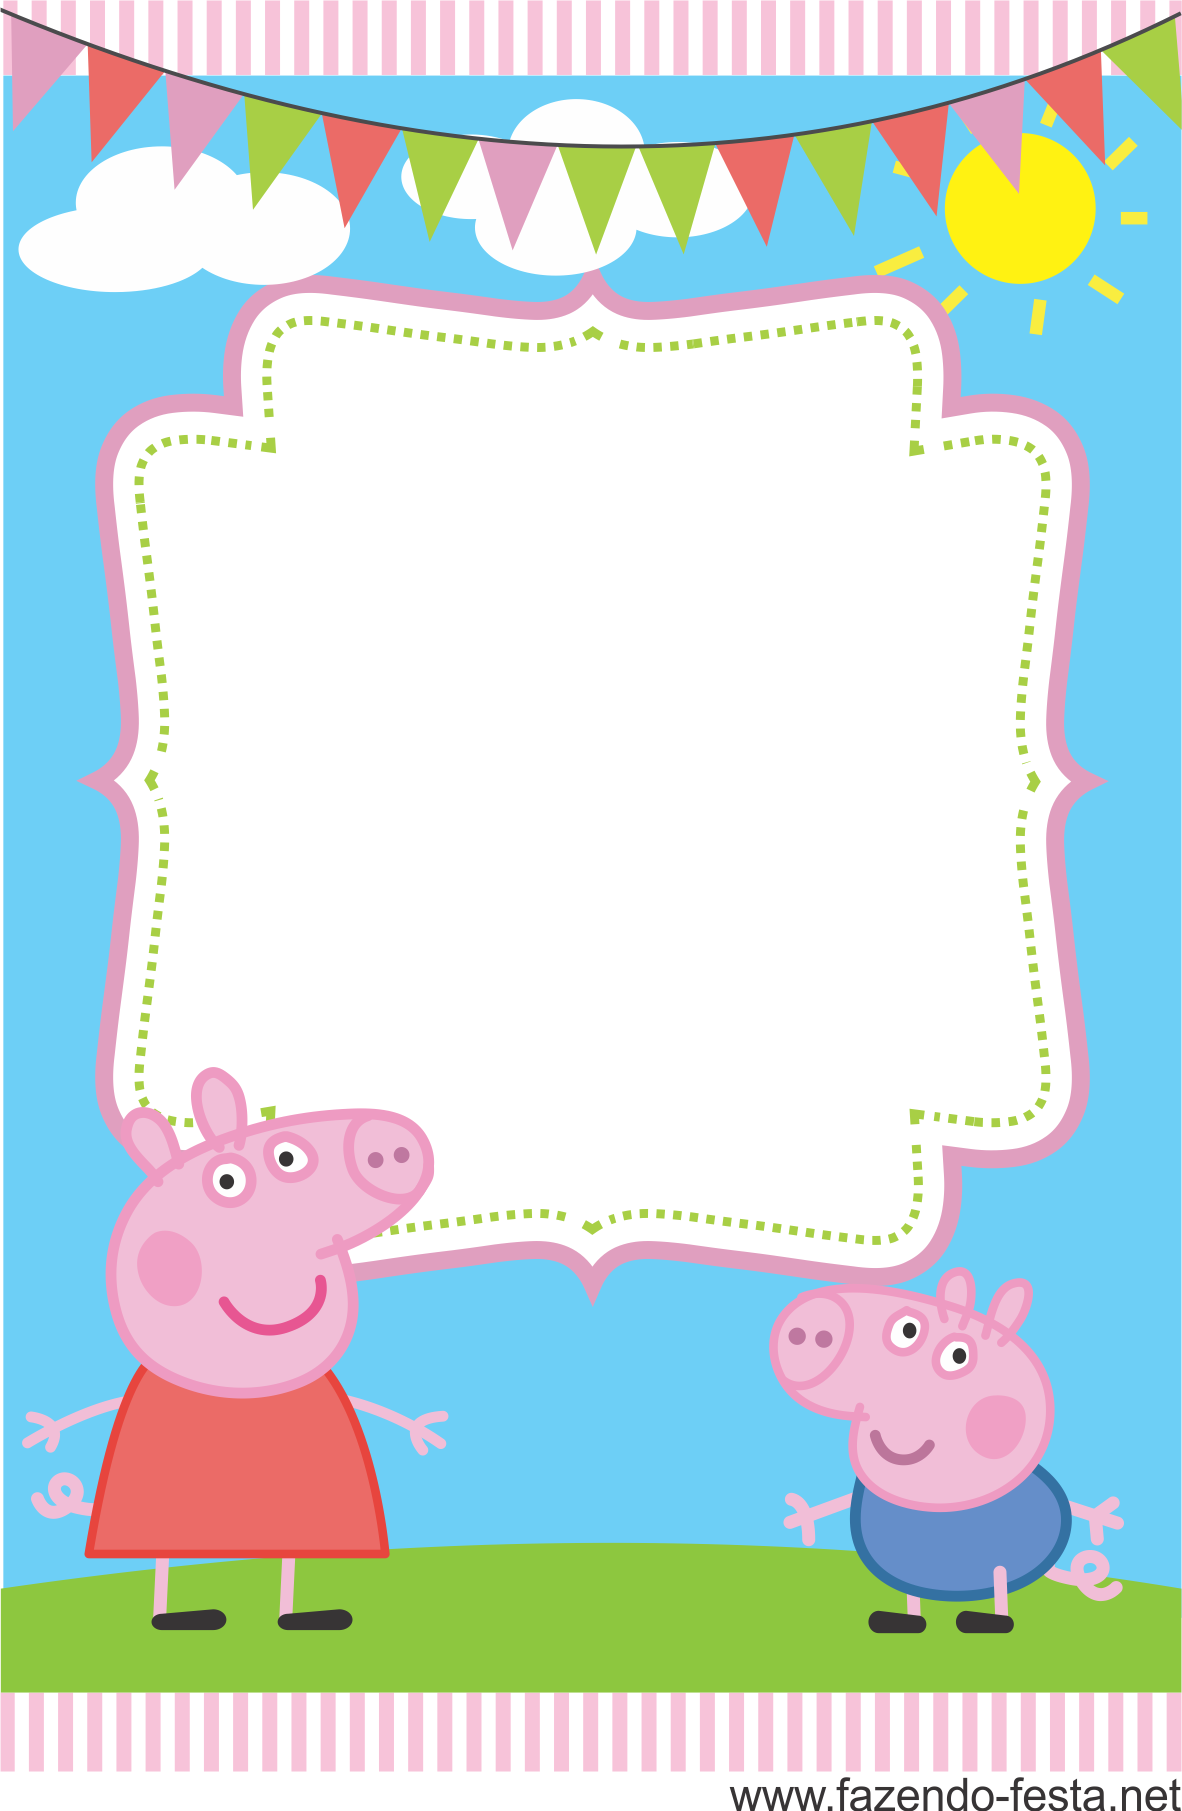 Convite Peppa Pig Grátis! Prontos para editar e imprimir!